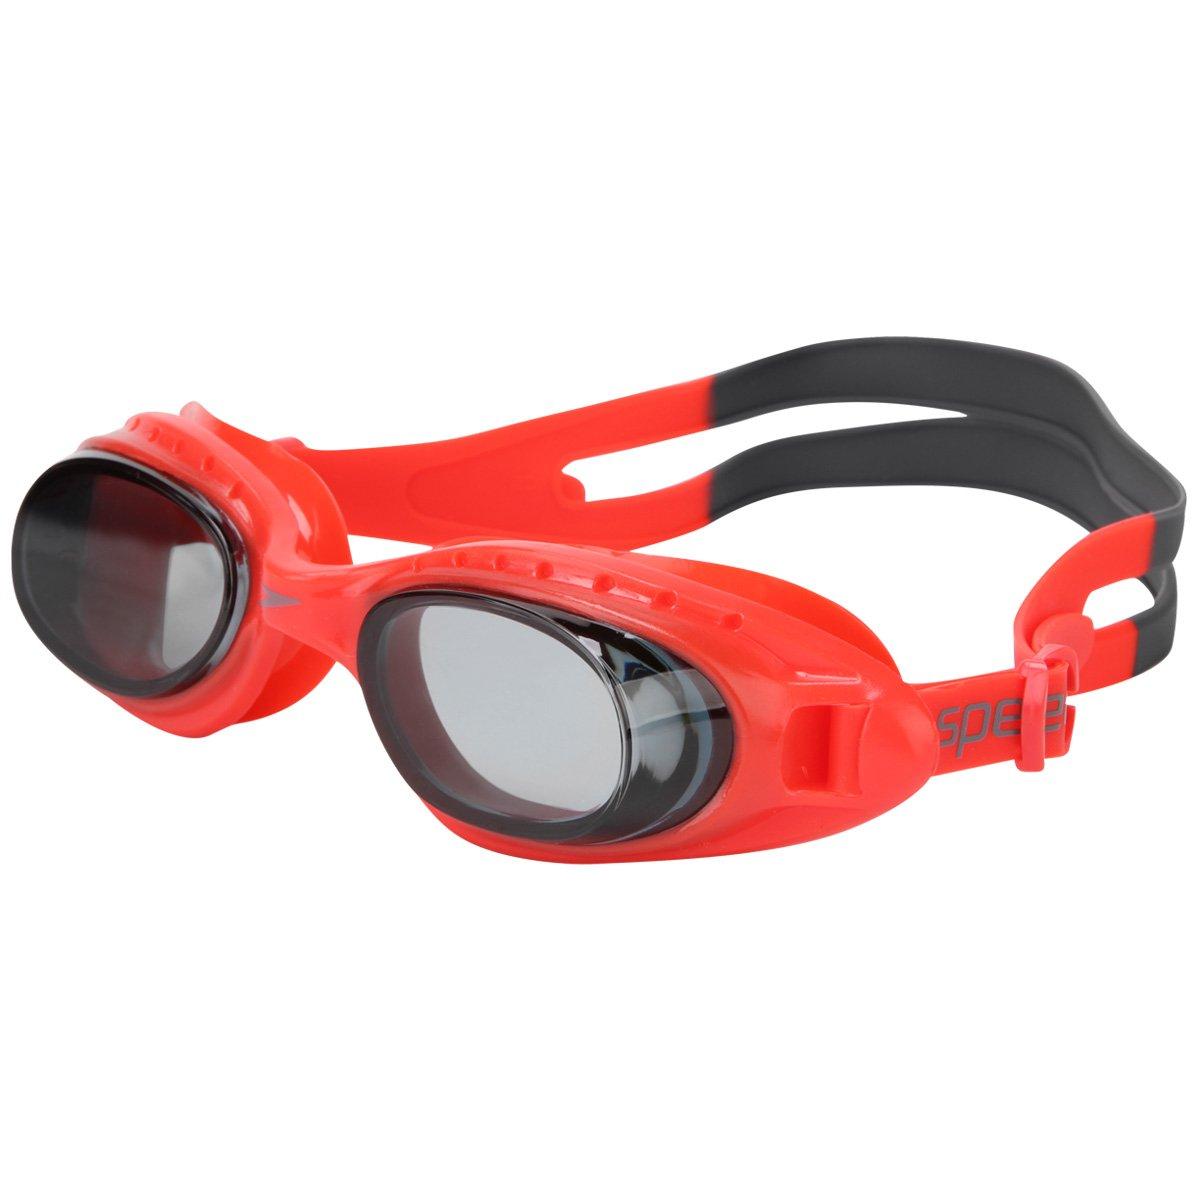 Óculos para Natação Speedo Tornado